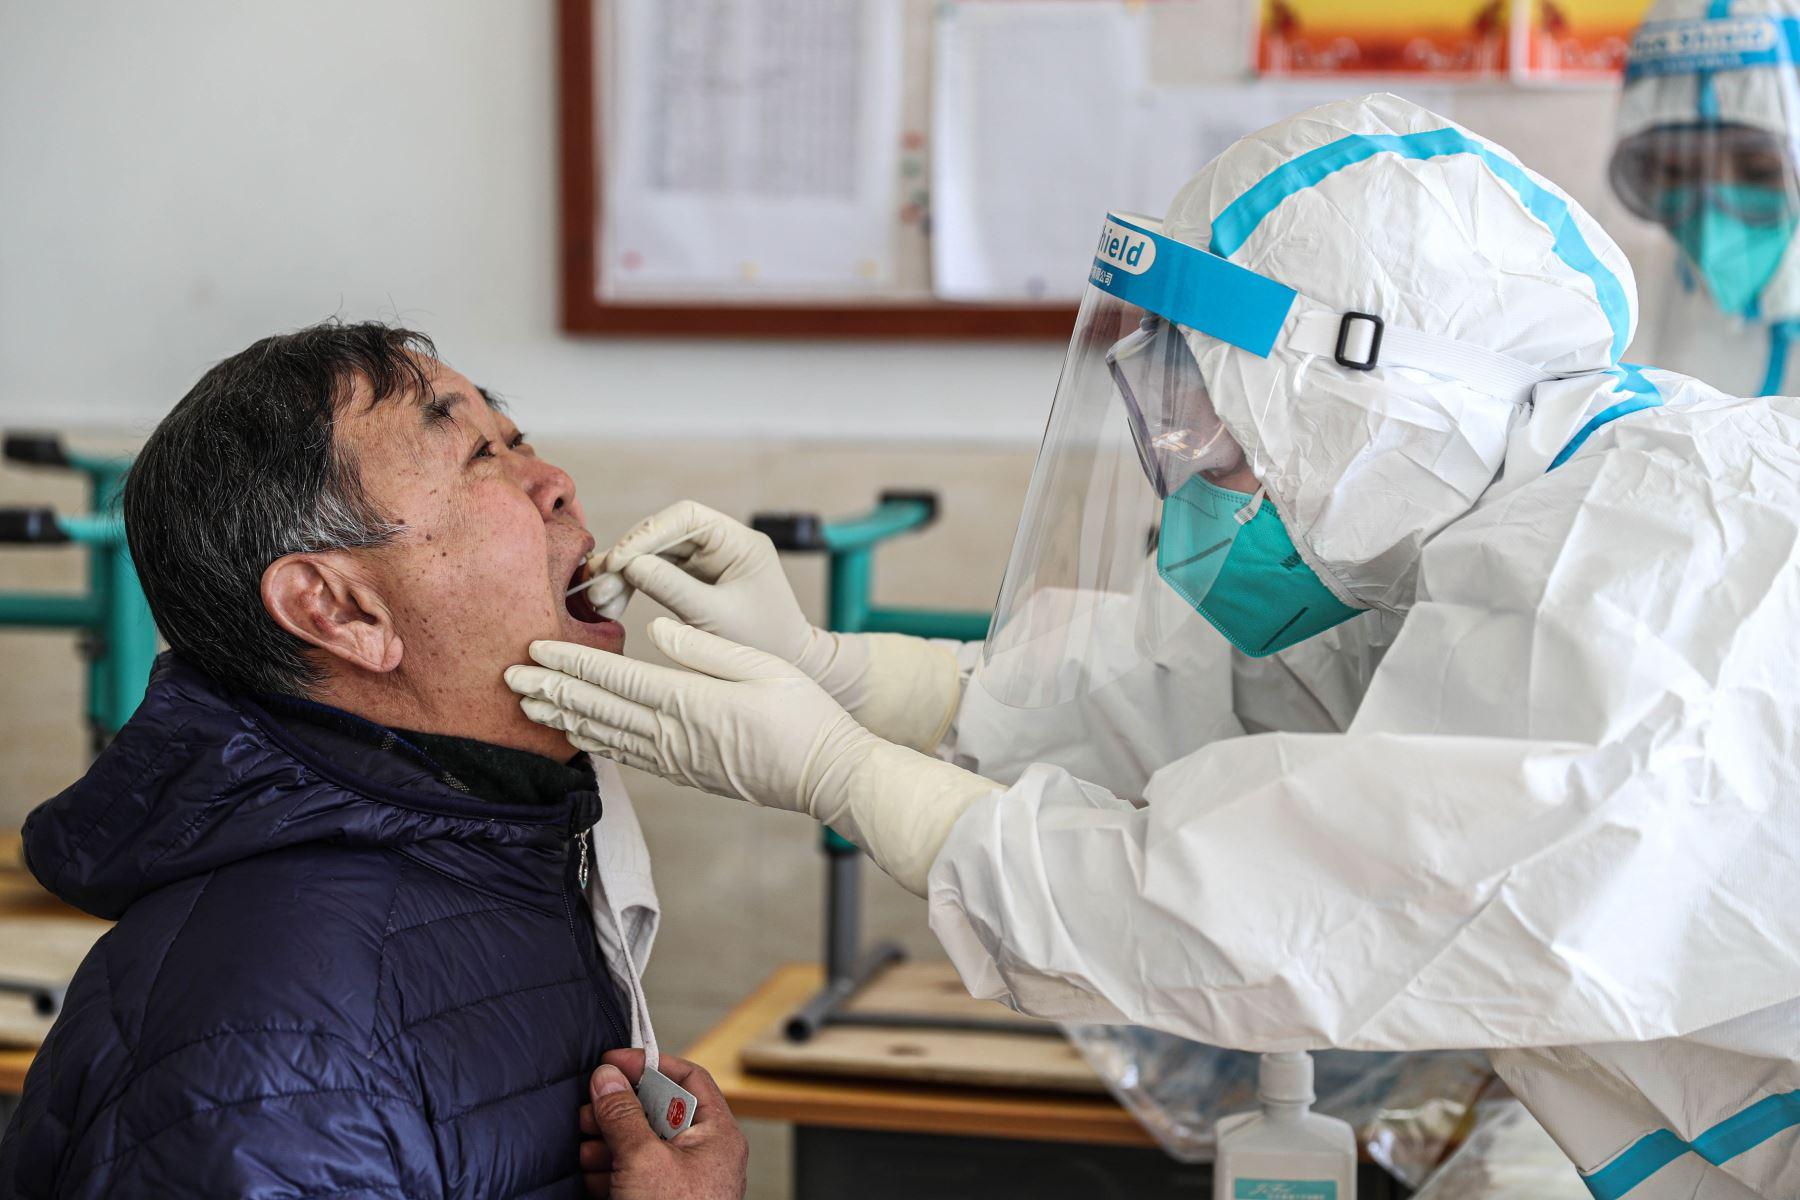 El domingo, Rusia confirmó su primer caso de la nueva cepa de covid-19, que sería mucho más contagiosa, según científicos. Foto: AFP